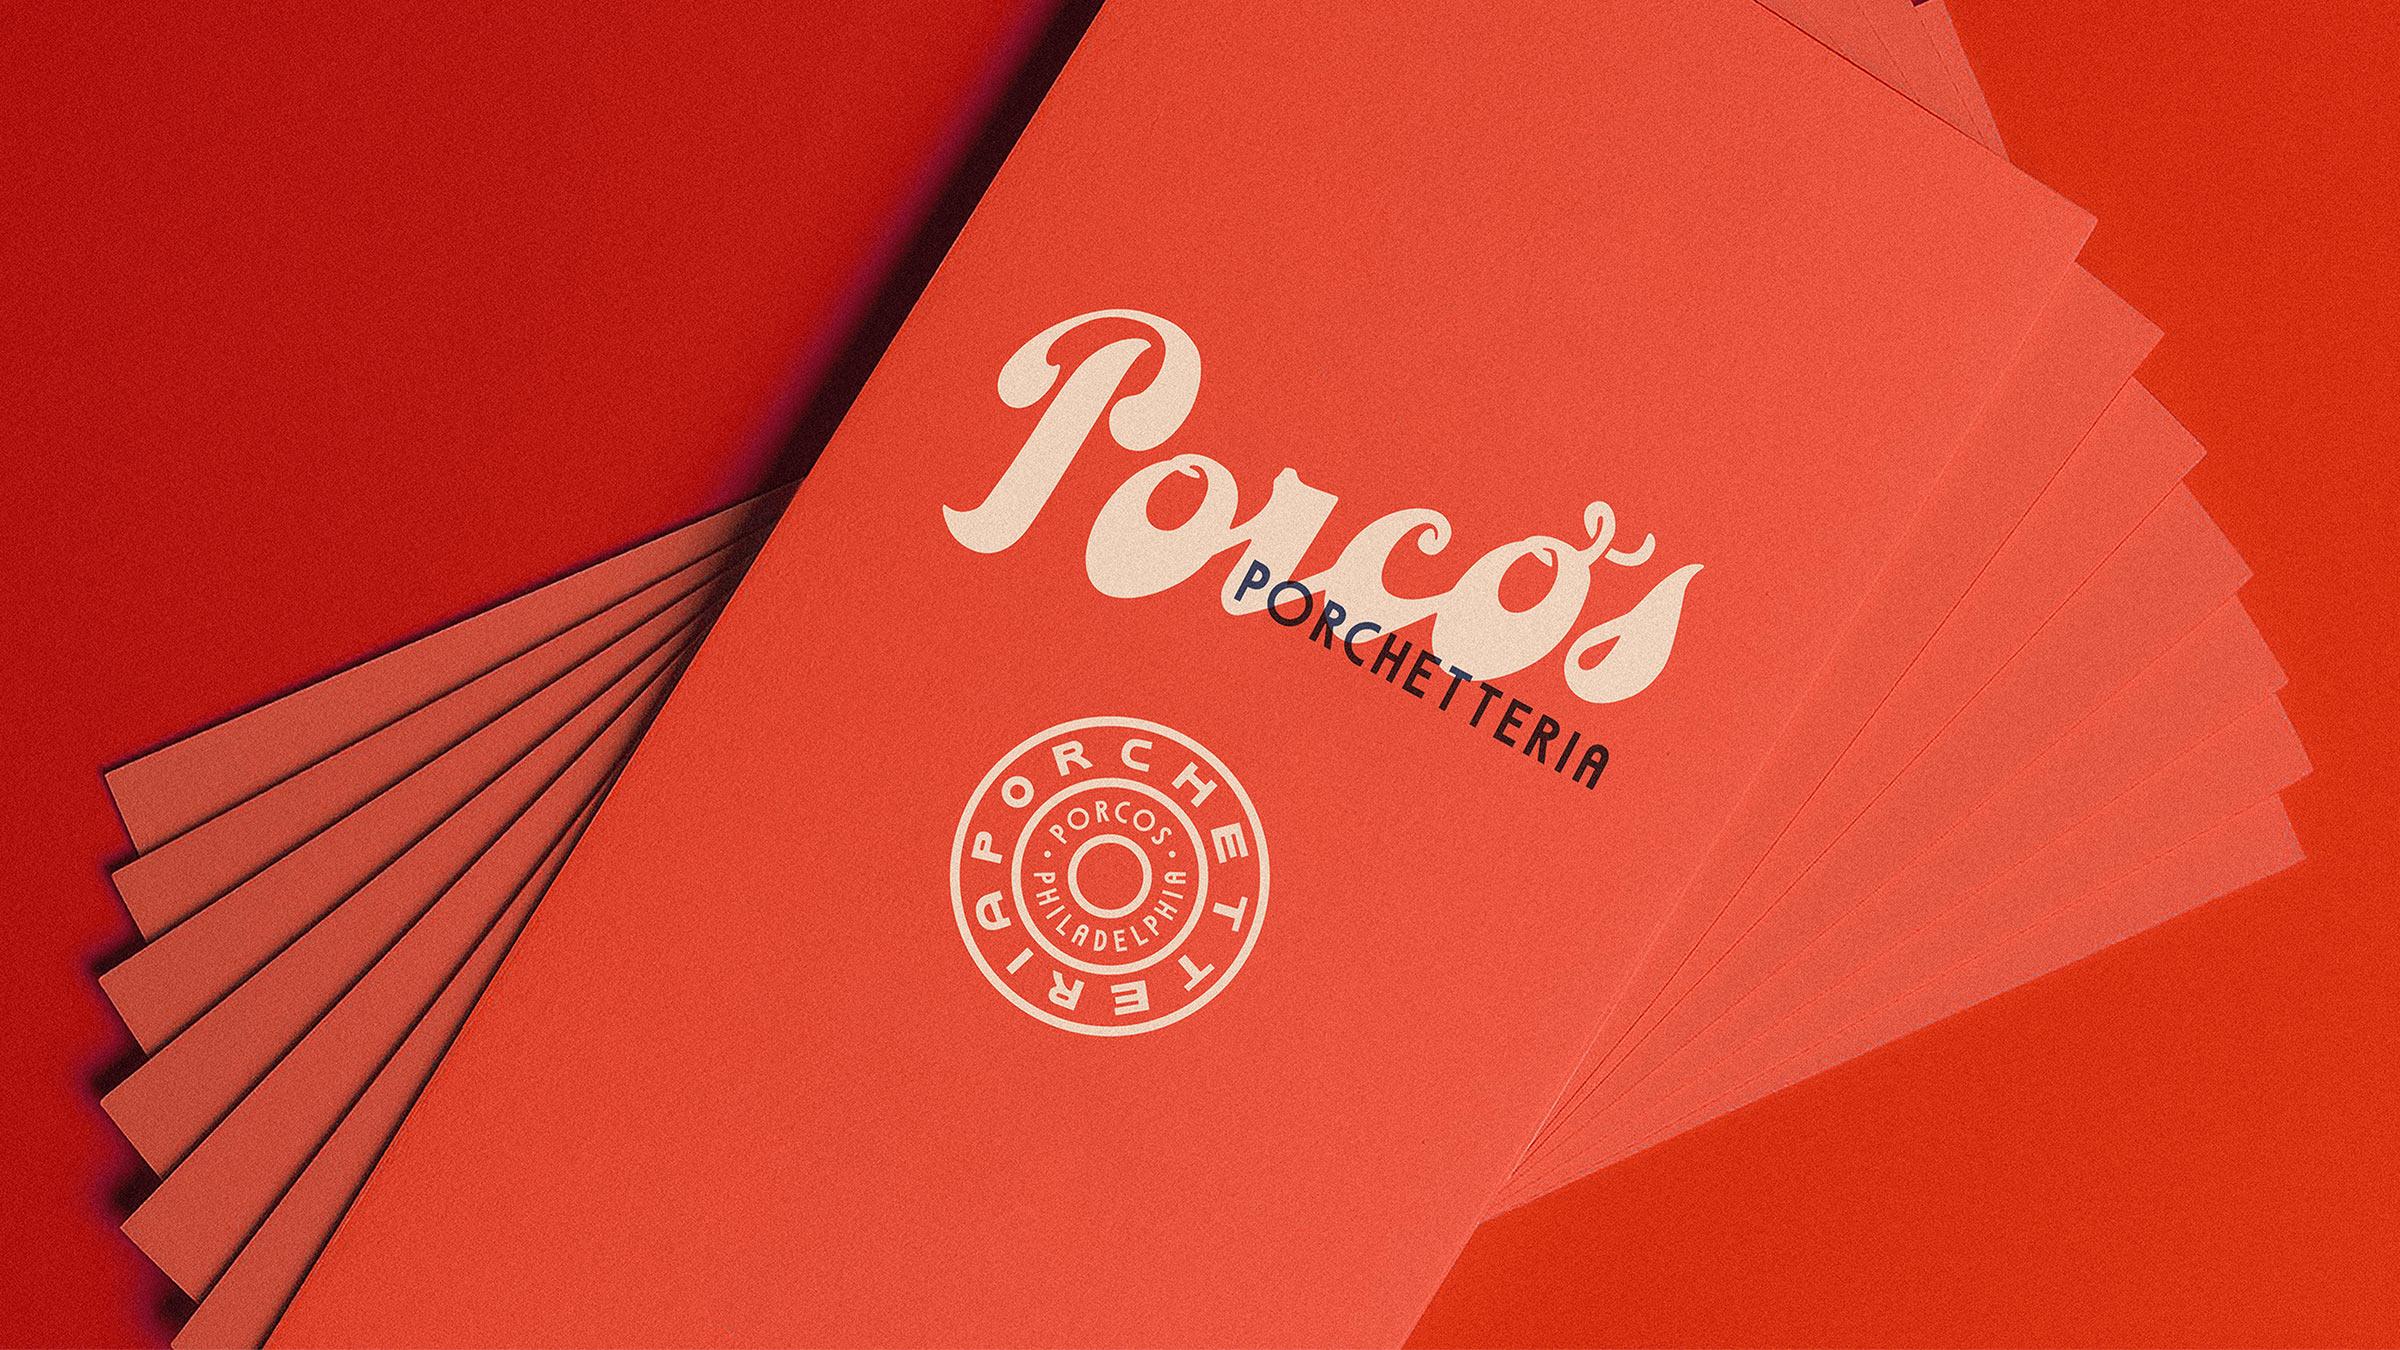 MGS_Porcos_Casestudy_menu_3